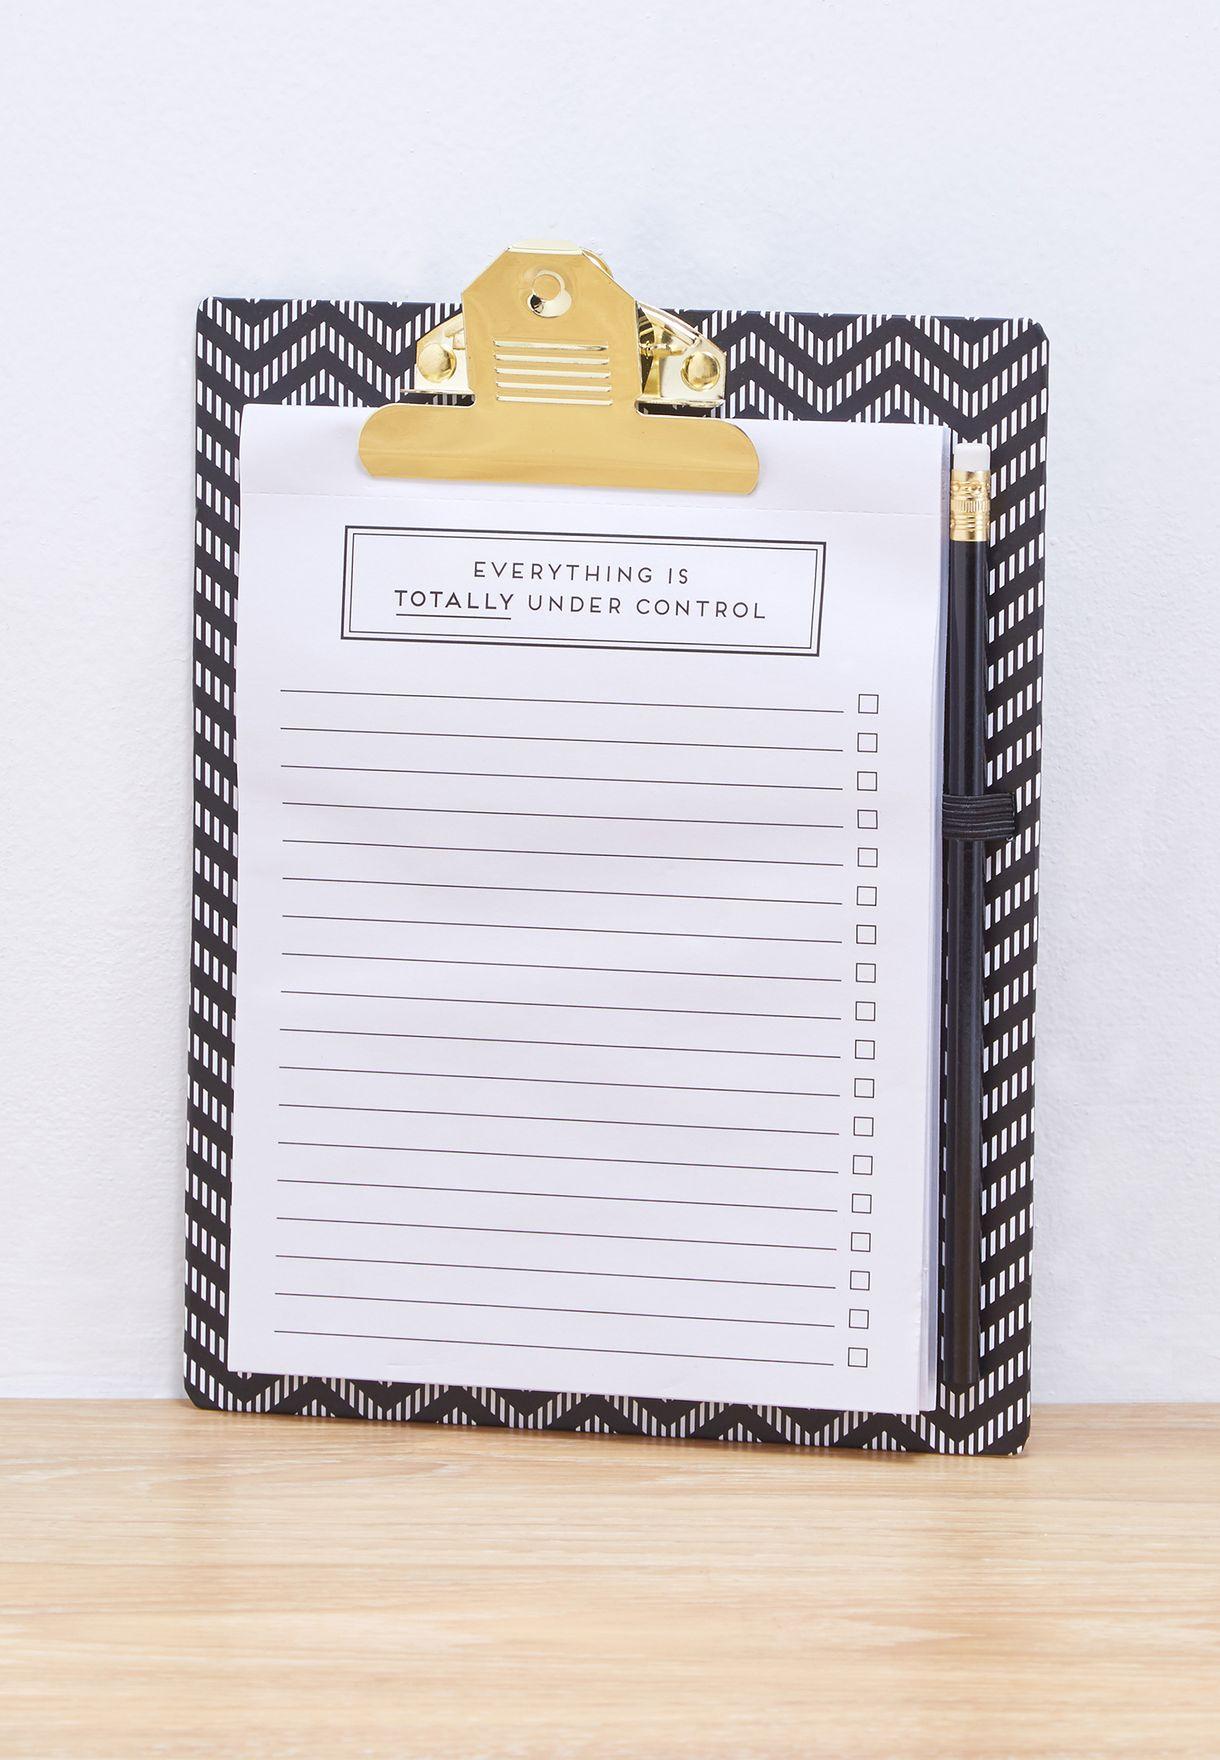 مجموعة من لوحة أوراق بمشبك, دفتر ملاحظات و قلم رصاص